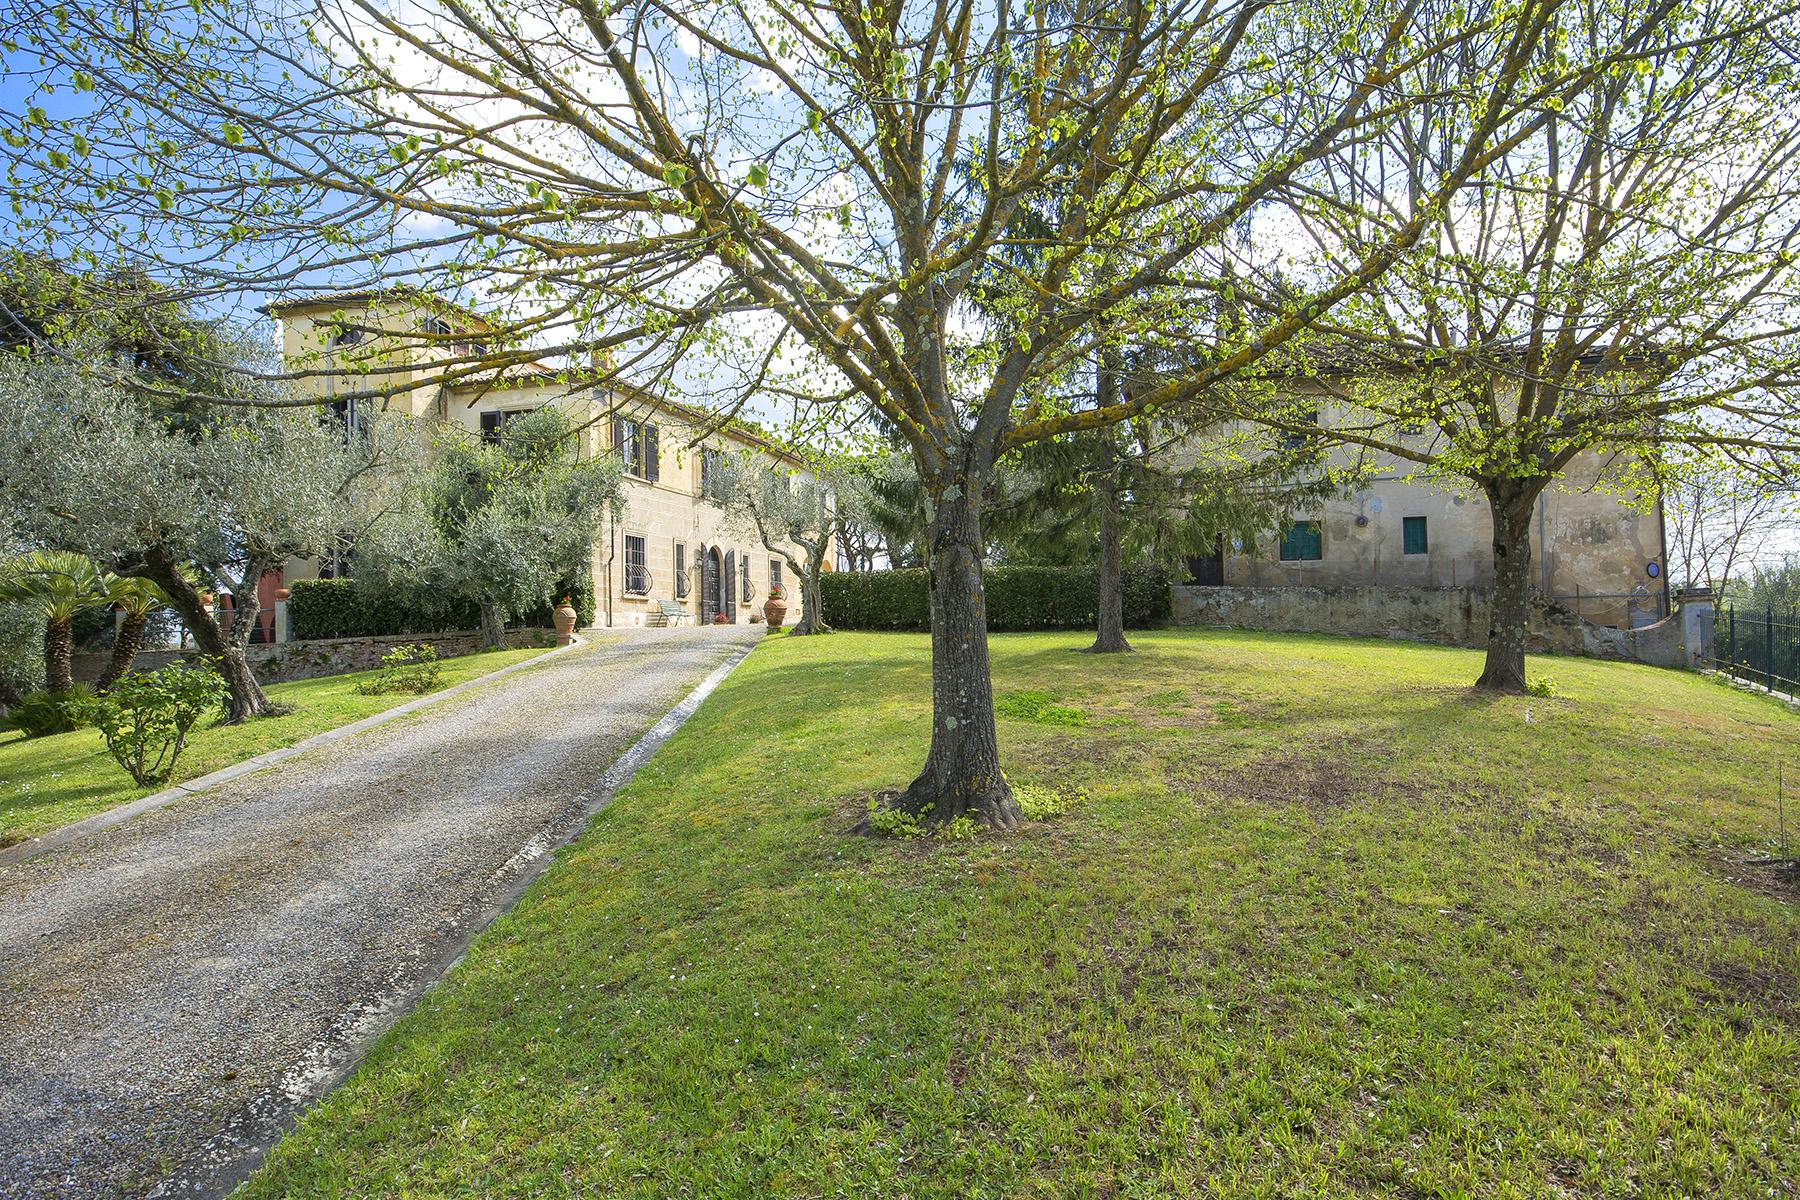 Villa in Vendita a Crespina Lorenzana: 5 locali, 900 mq - Foto 2